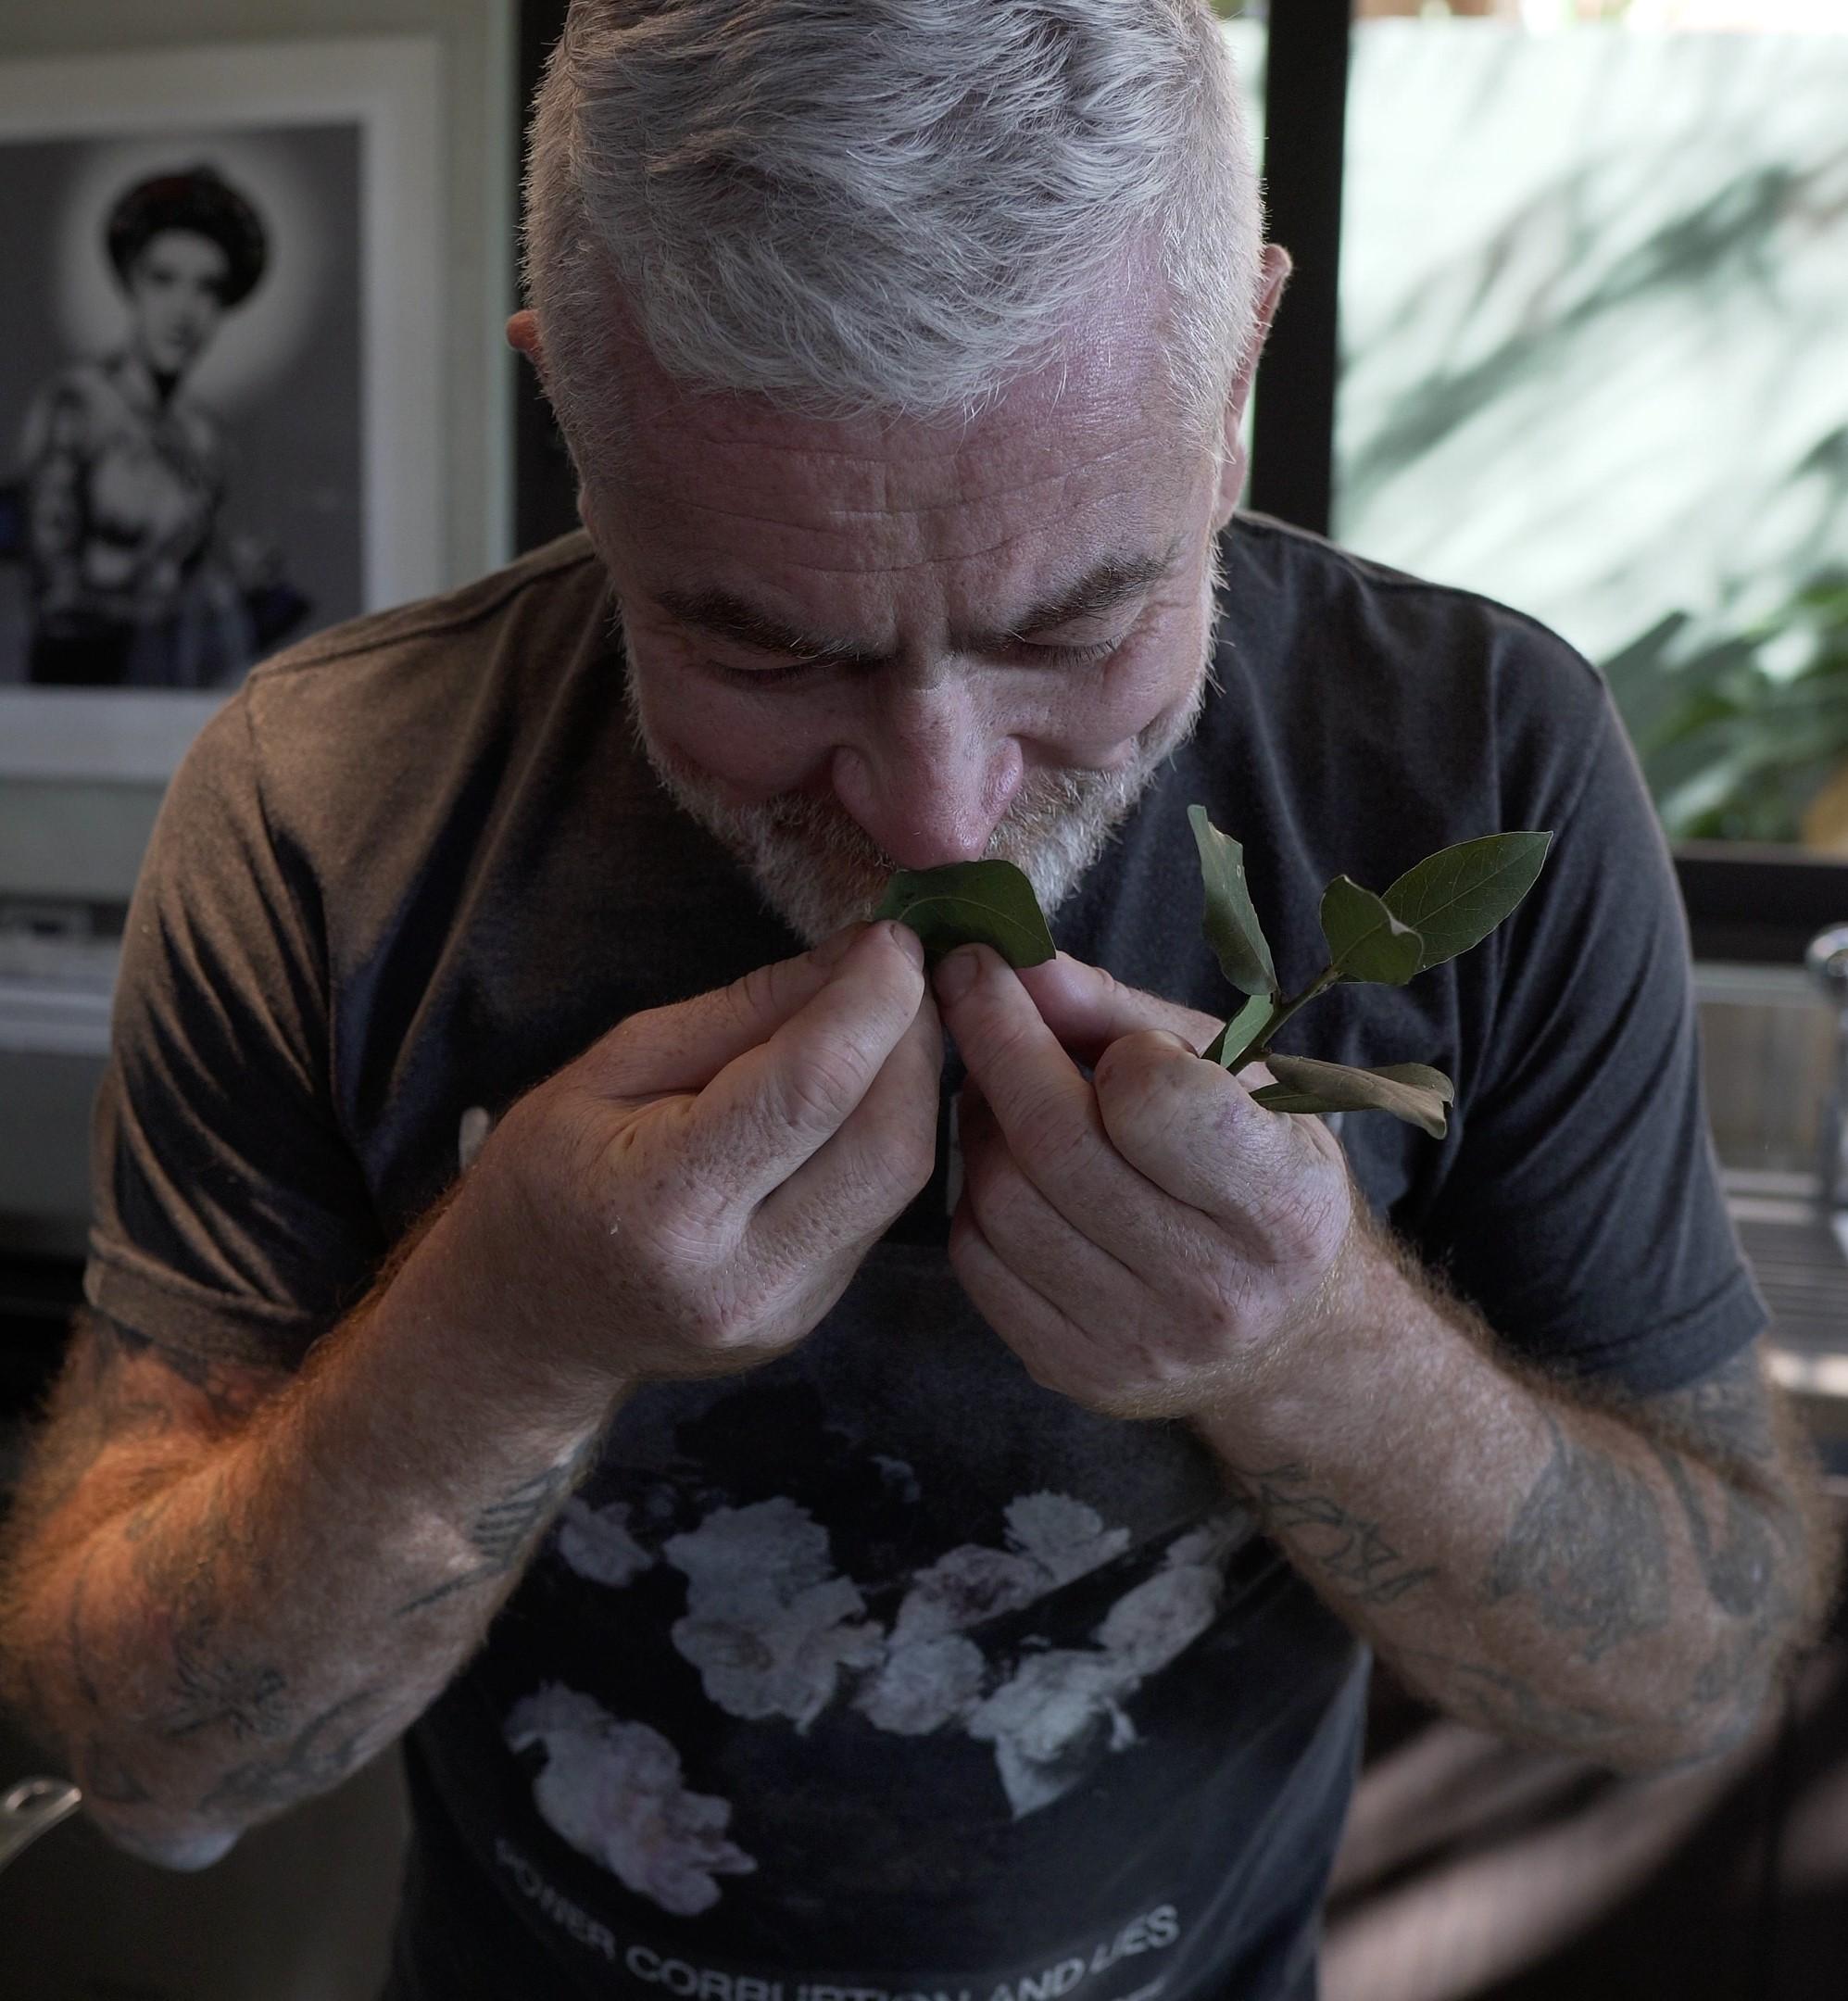 Chef Alex Atala cheira folhas de louro na cozinha de sua casa. Pequena